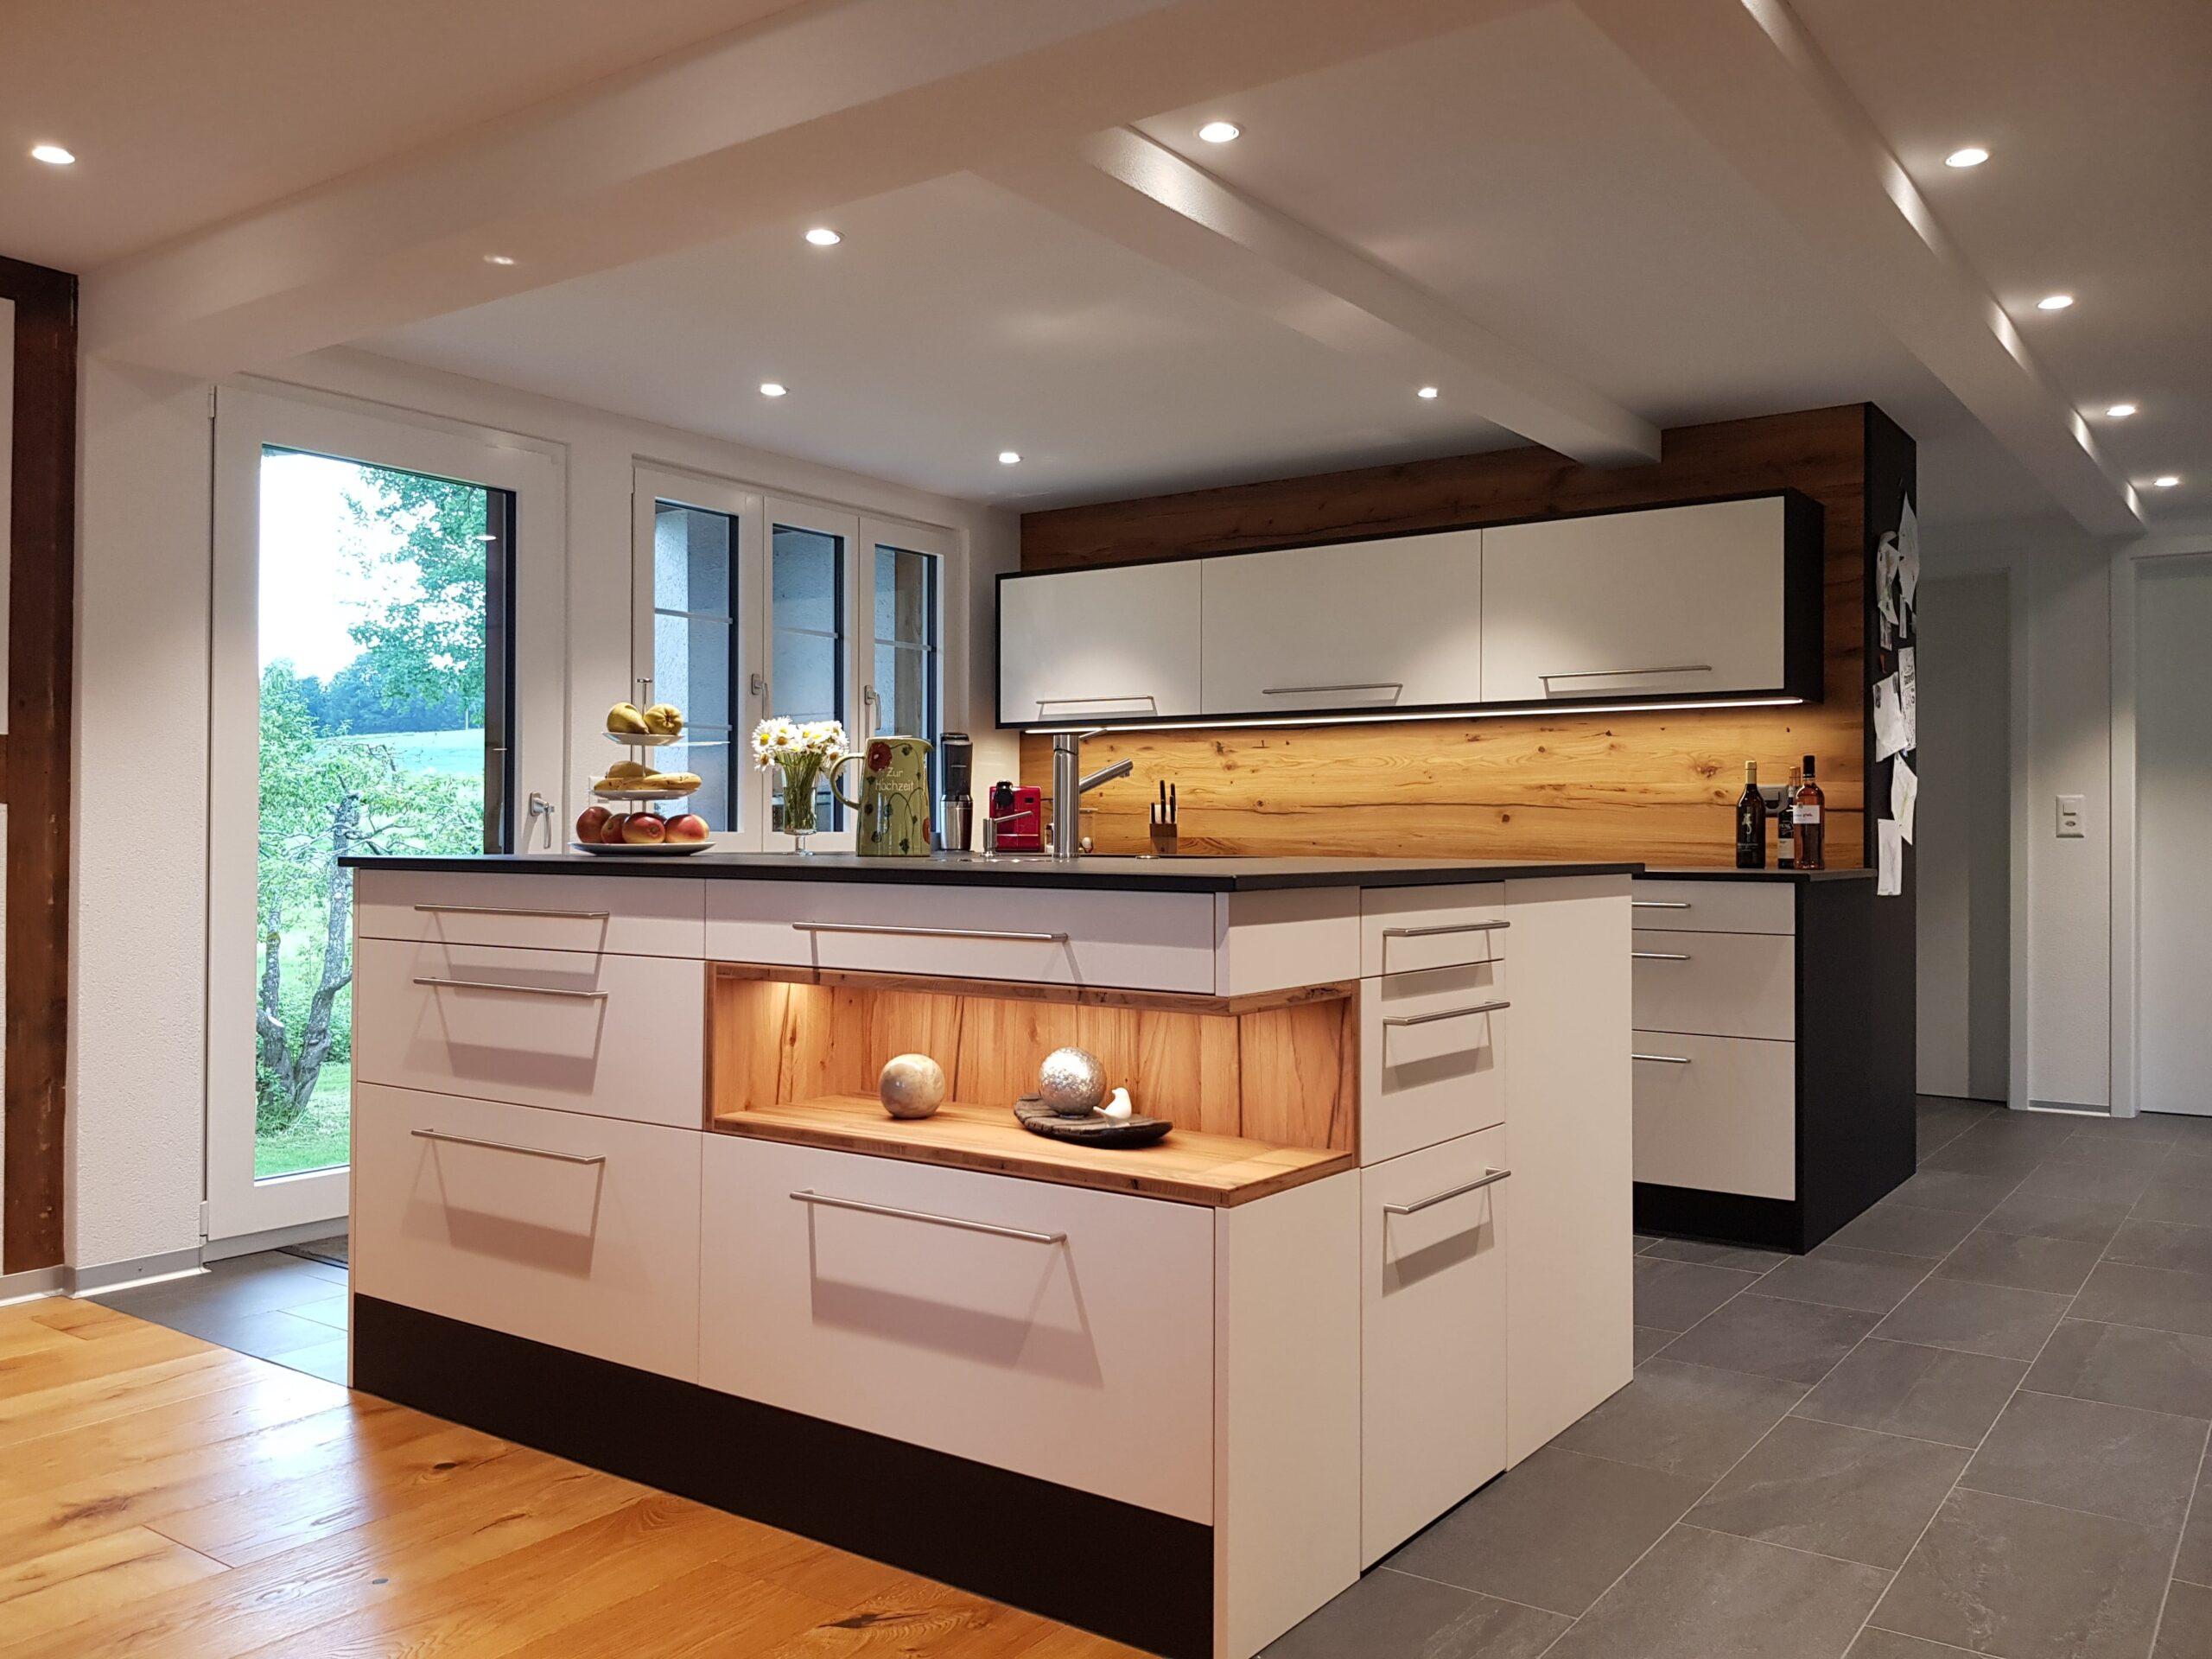 Wooddesign_Holzleuchten_LED-Beleuchtung_Licht_Indirekte Beleuchtung_Direkte Beleuchtung_Holzdesign (48)-min